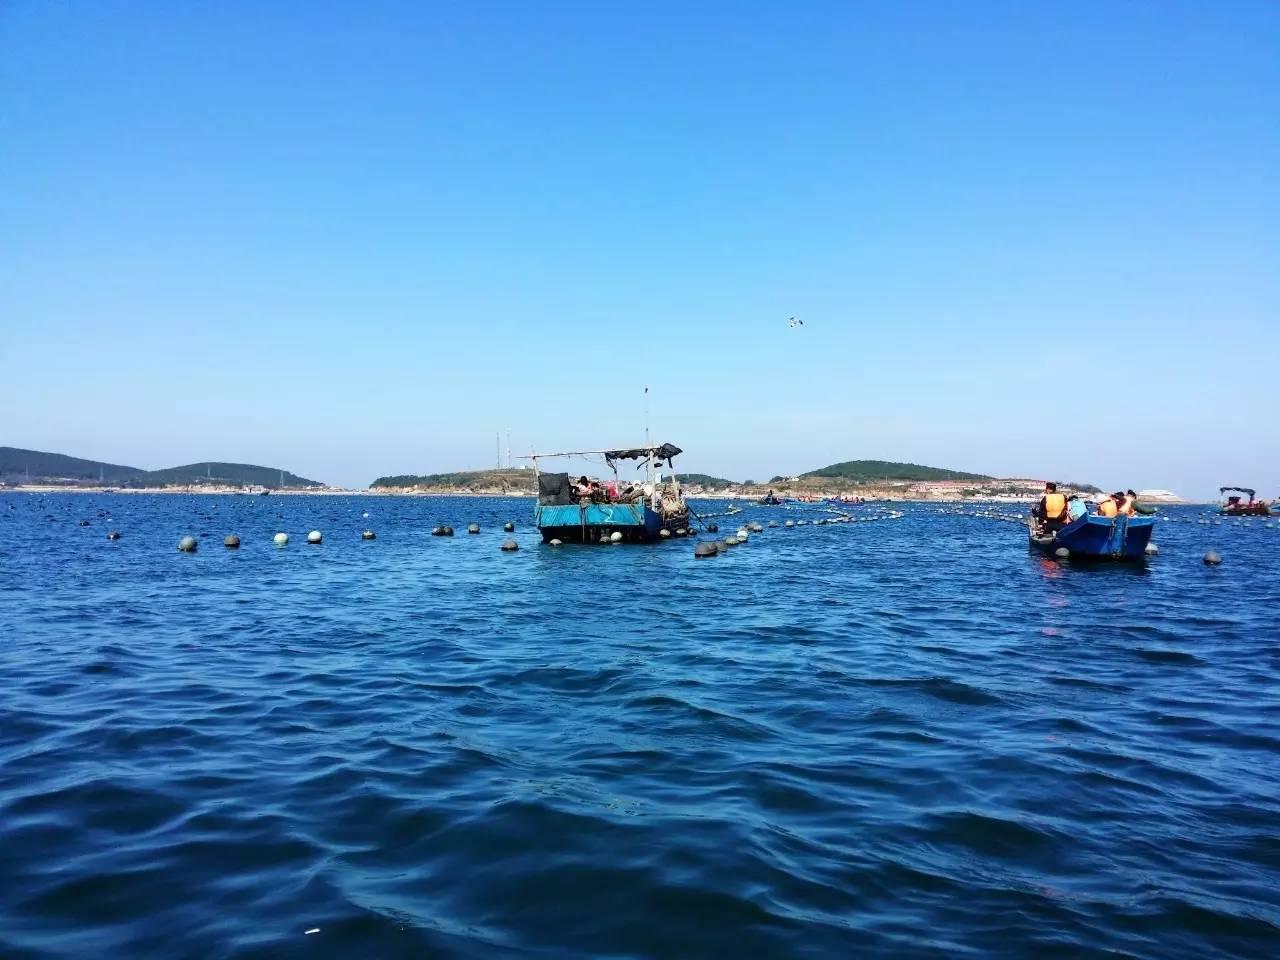 涨潮时在海边垂钓,退潮时赶海拾贝,抓螃蟹,捡海参;还可以入住当地